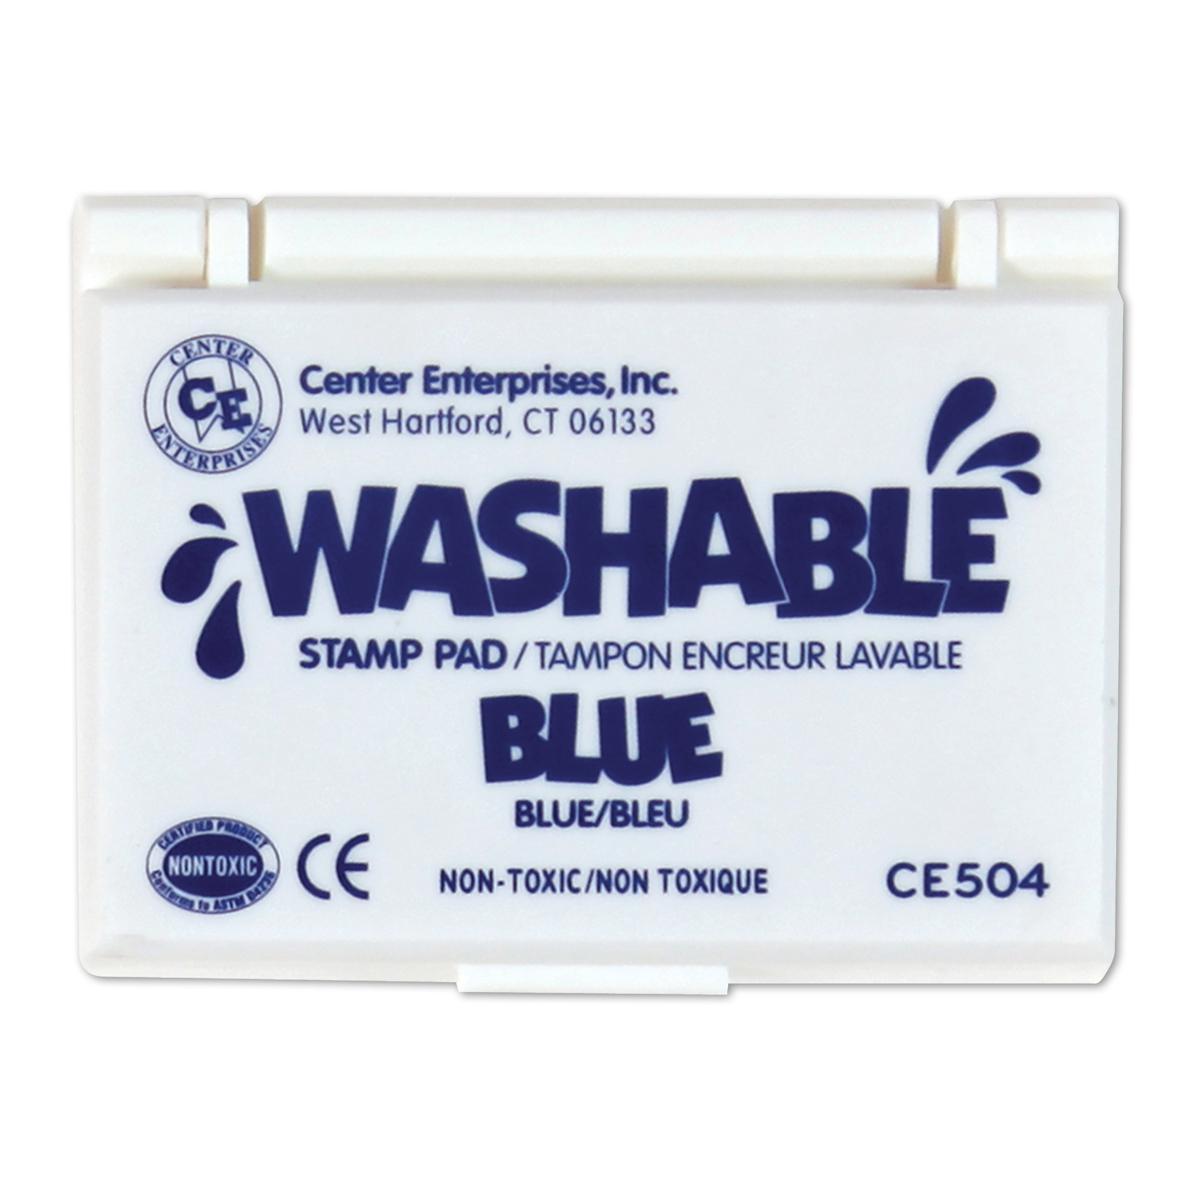 Tampon encreur lavable : bleu